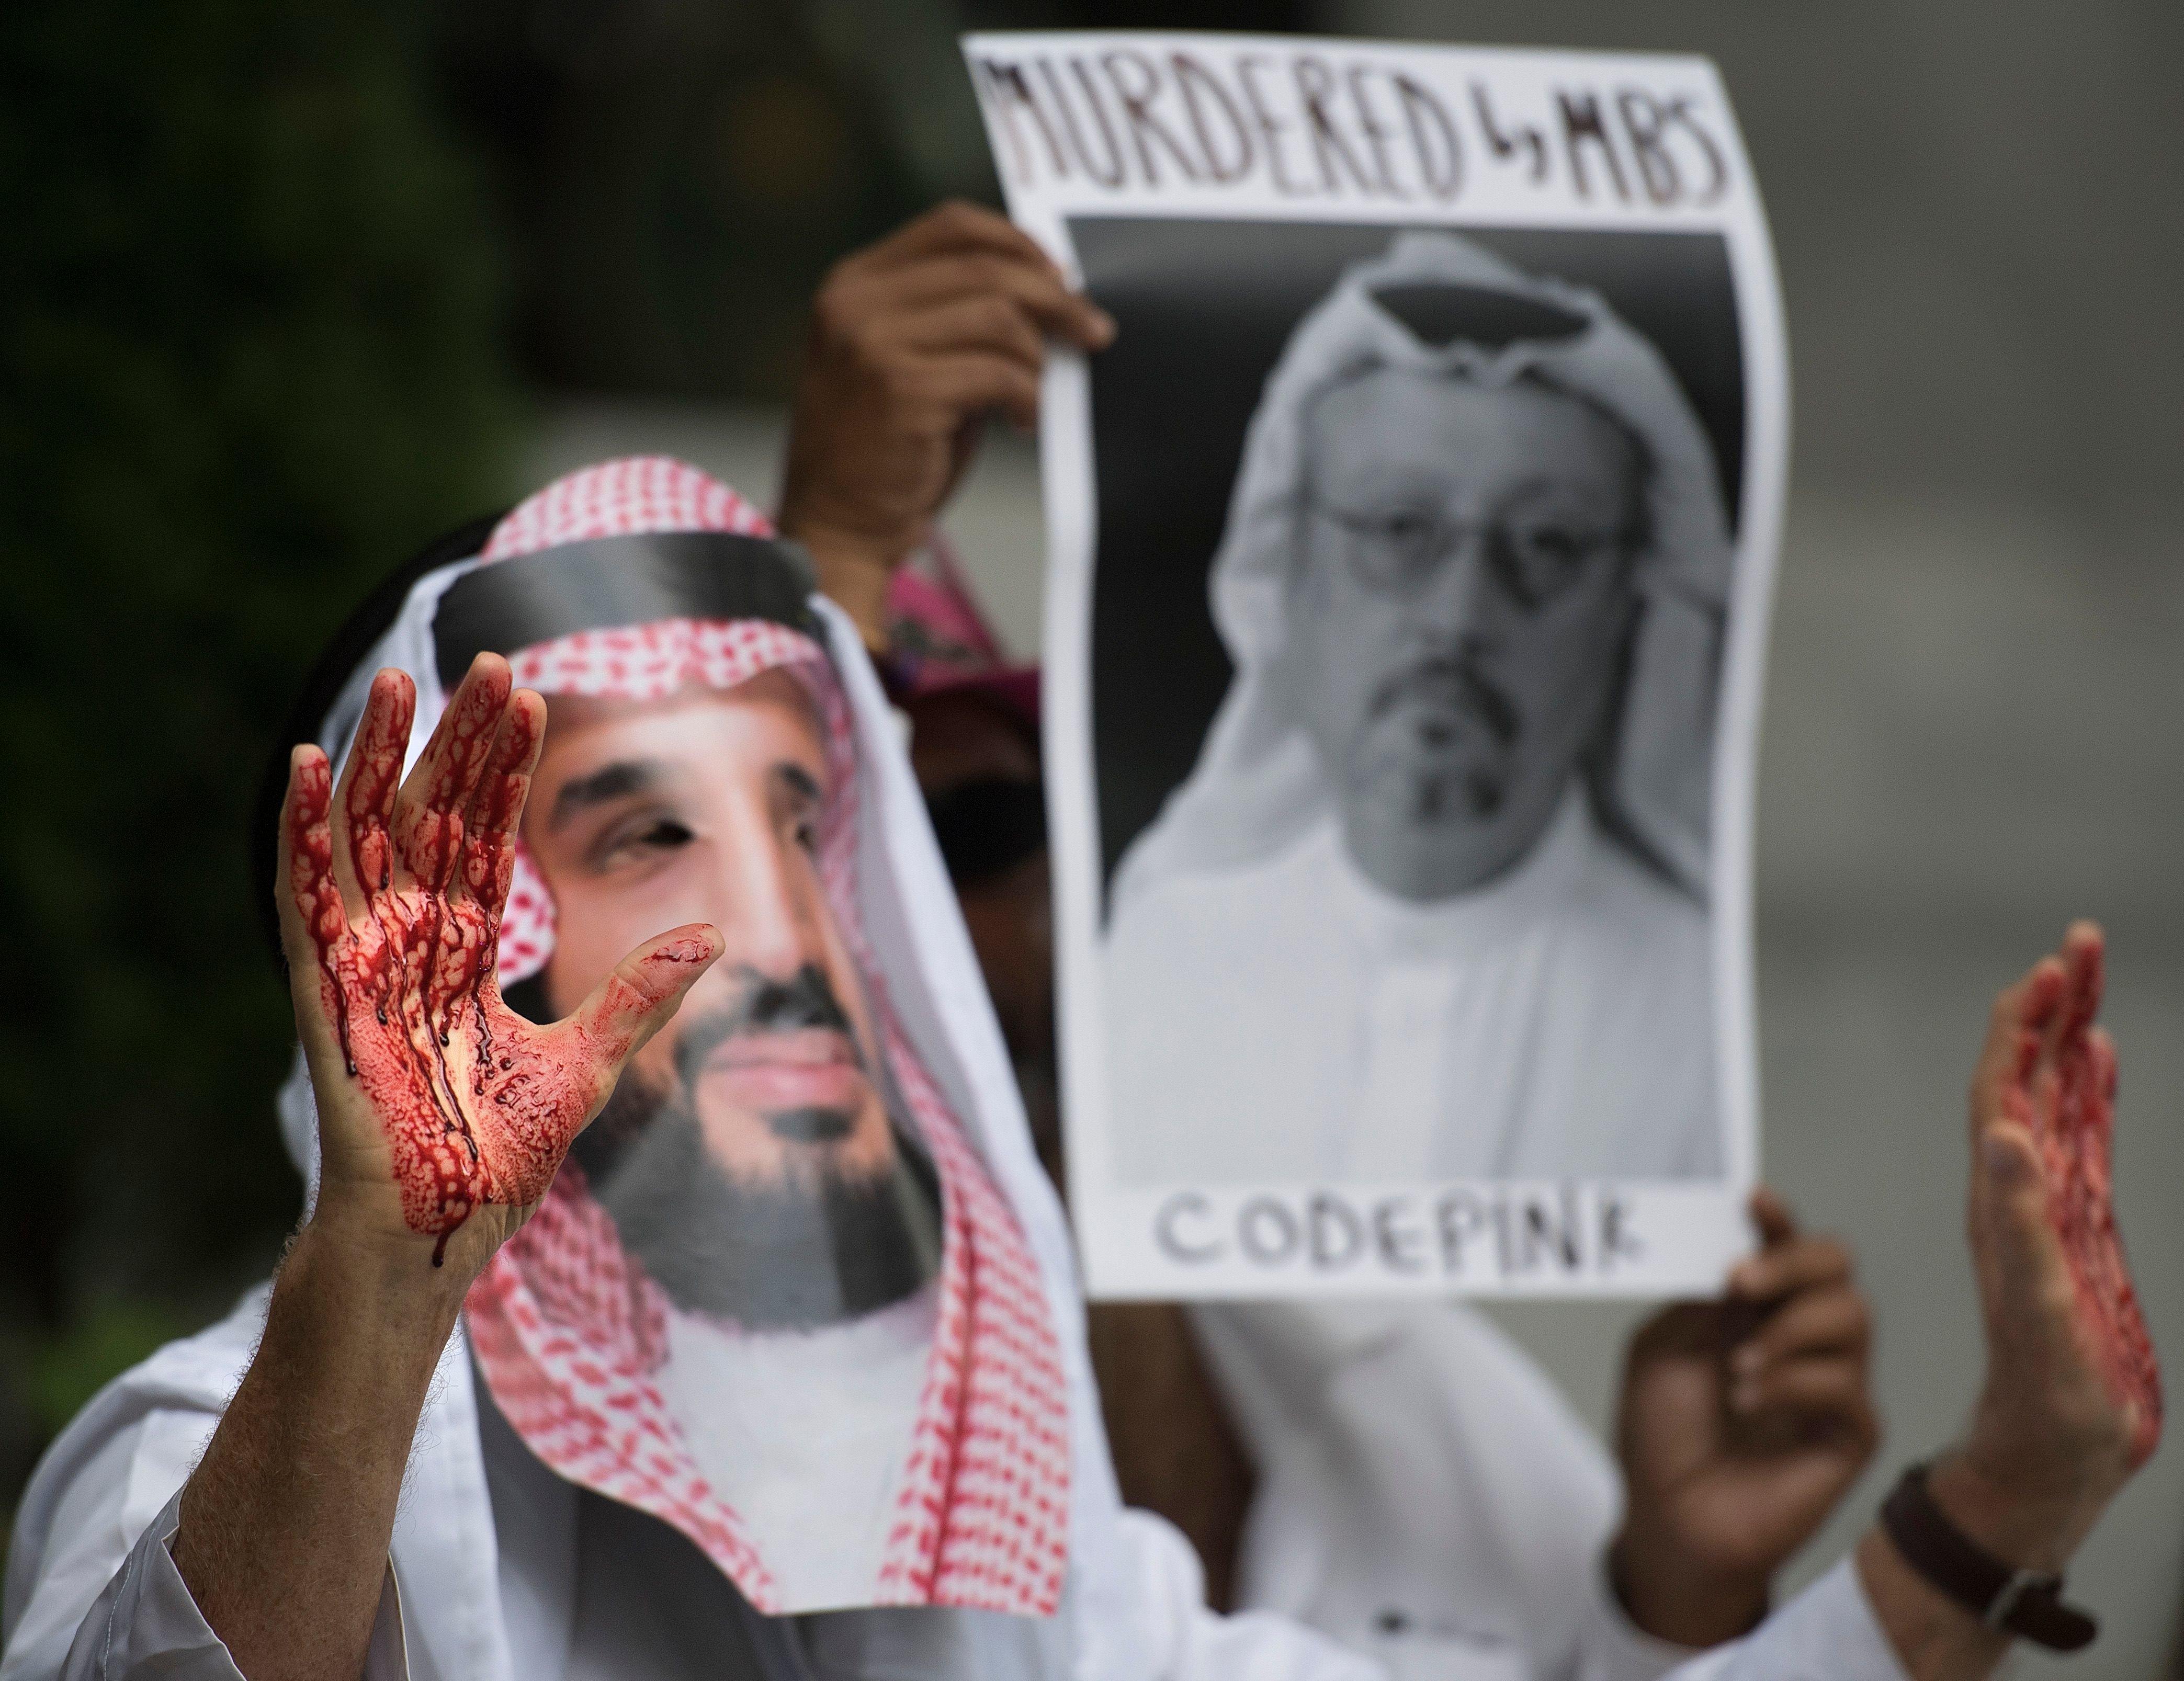 사우디 기자 카쇼기가 잔혹하게 고문·참수되는 순간을 담은 오디오가